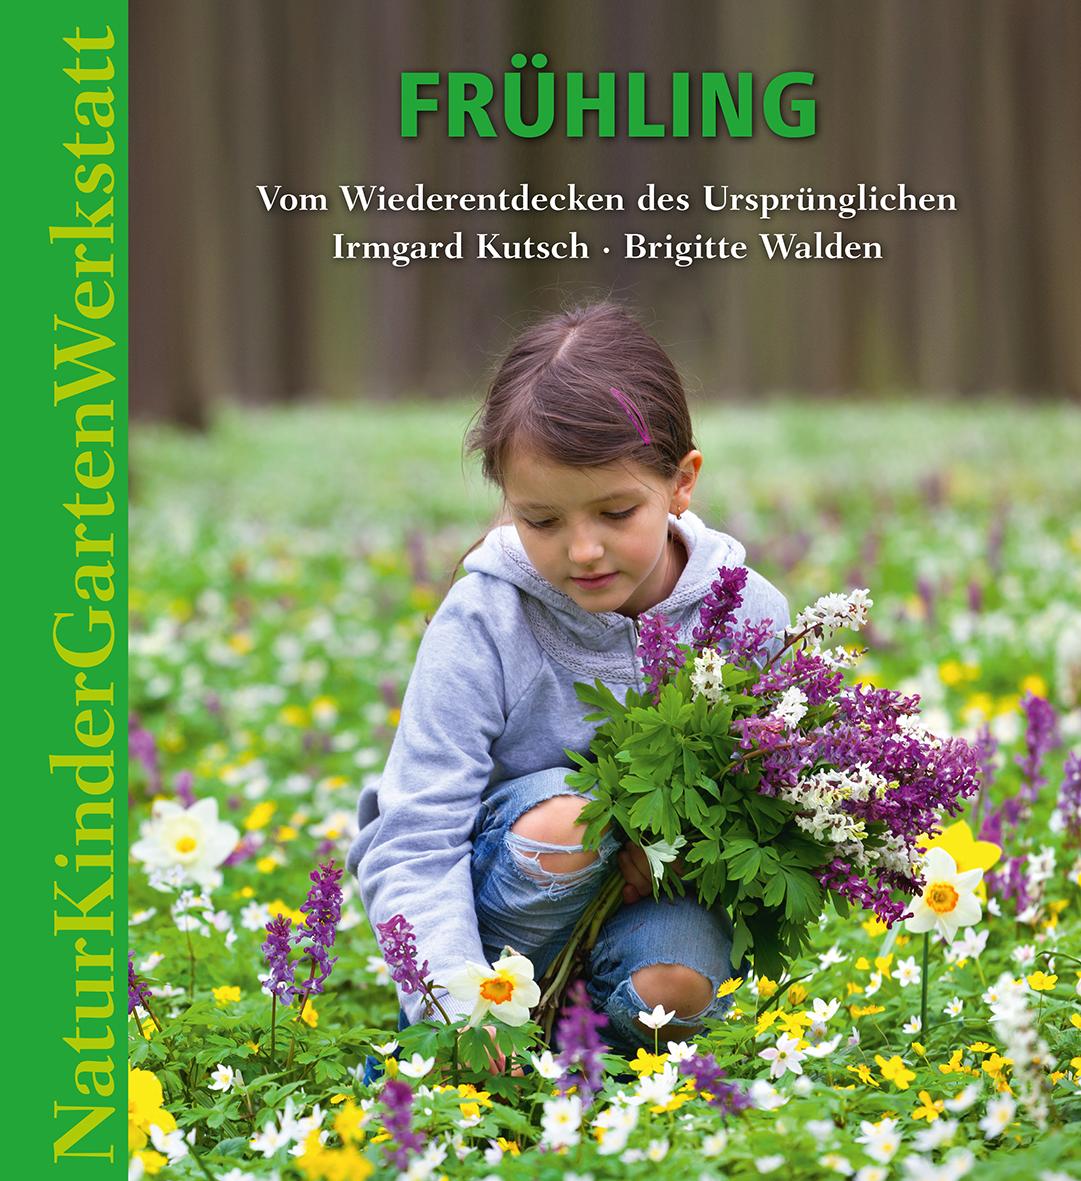 9758fedebe3ddd Natur-Kinder-Garten-Werkstatt  Frühling